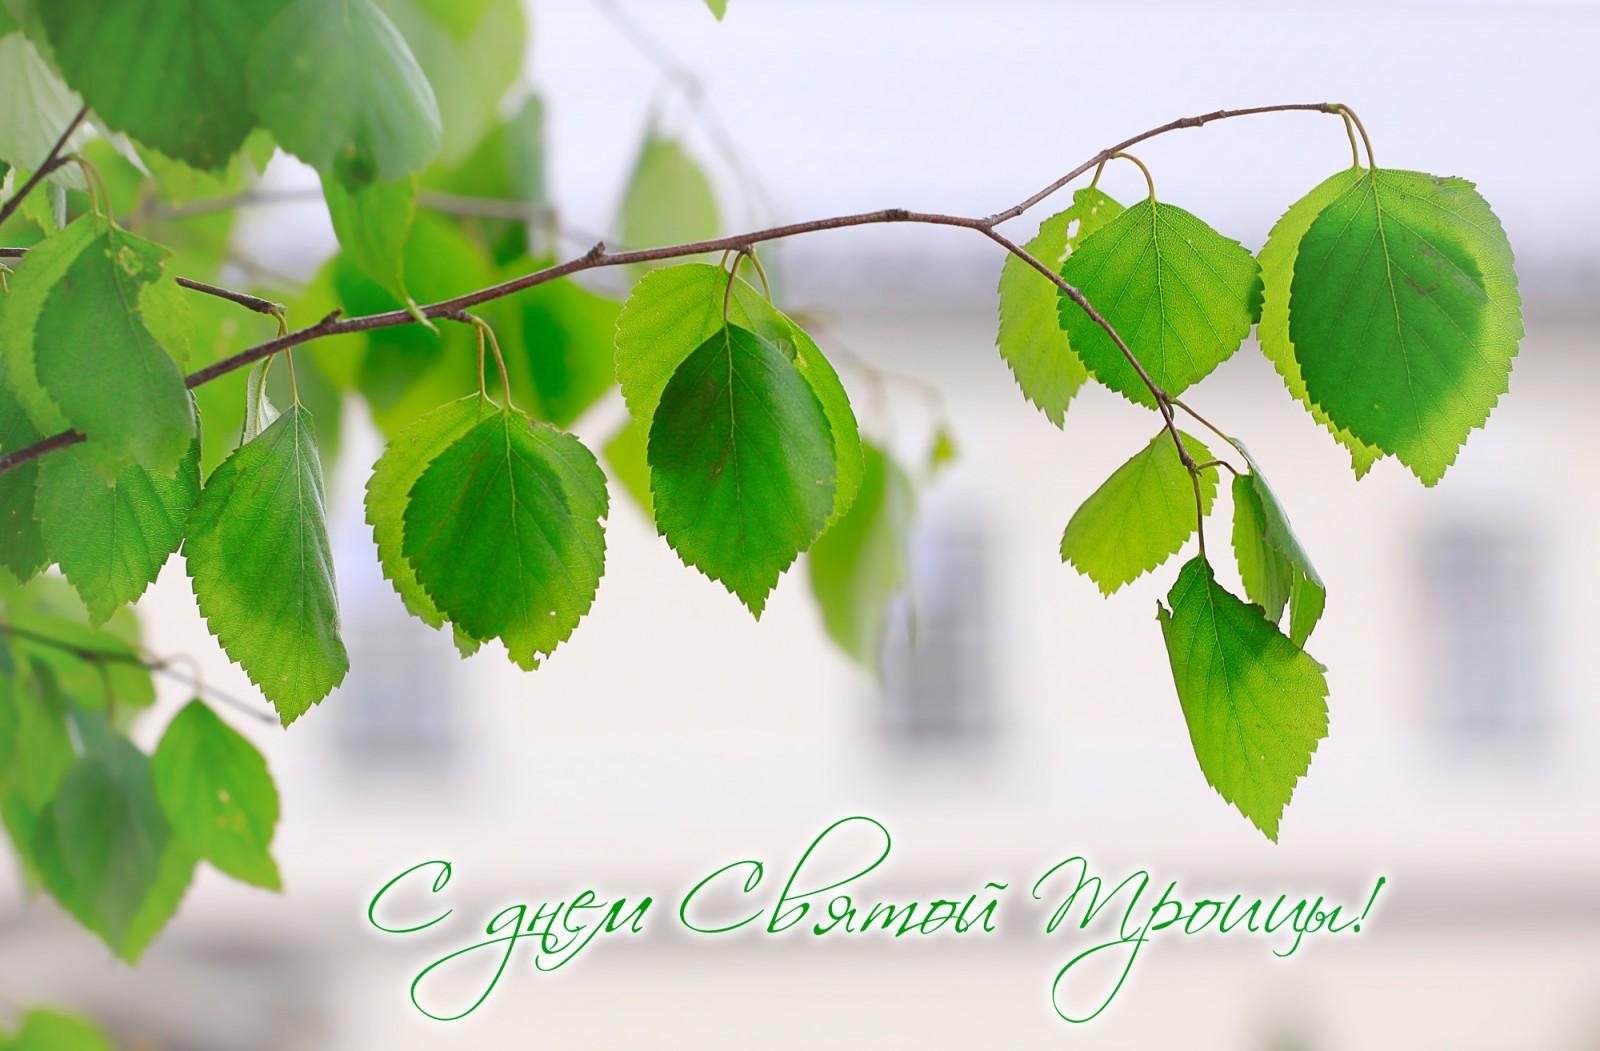 Приветствия! Поздравления! Объявления - Страница 10 S-prazdnikom-svjatoj-troitsy-02-06-2017